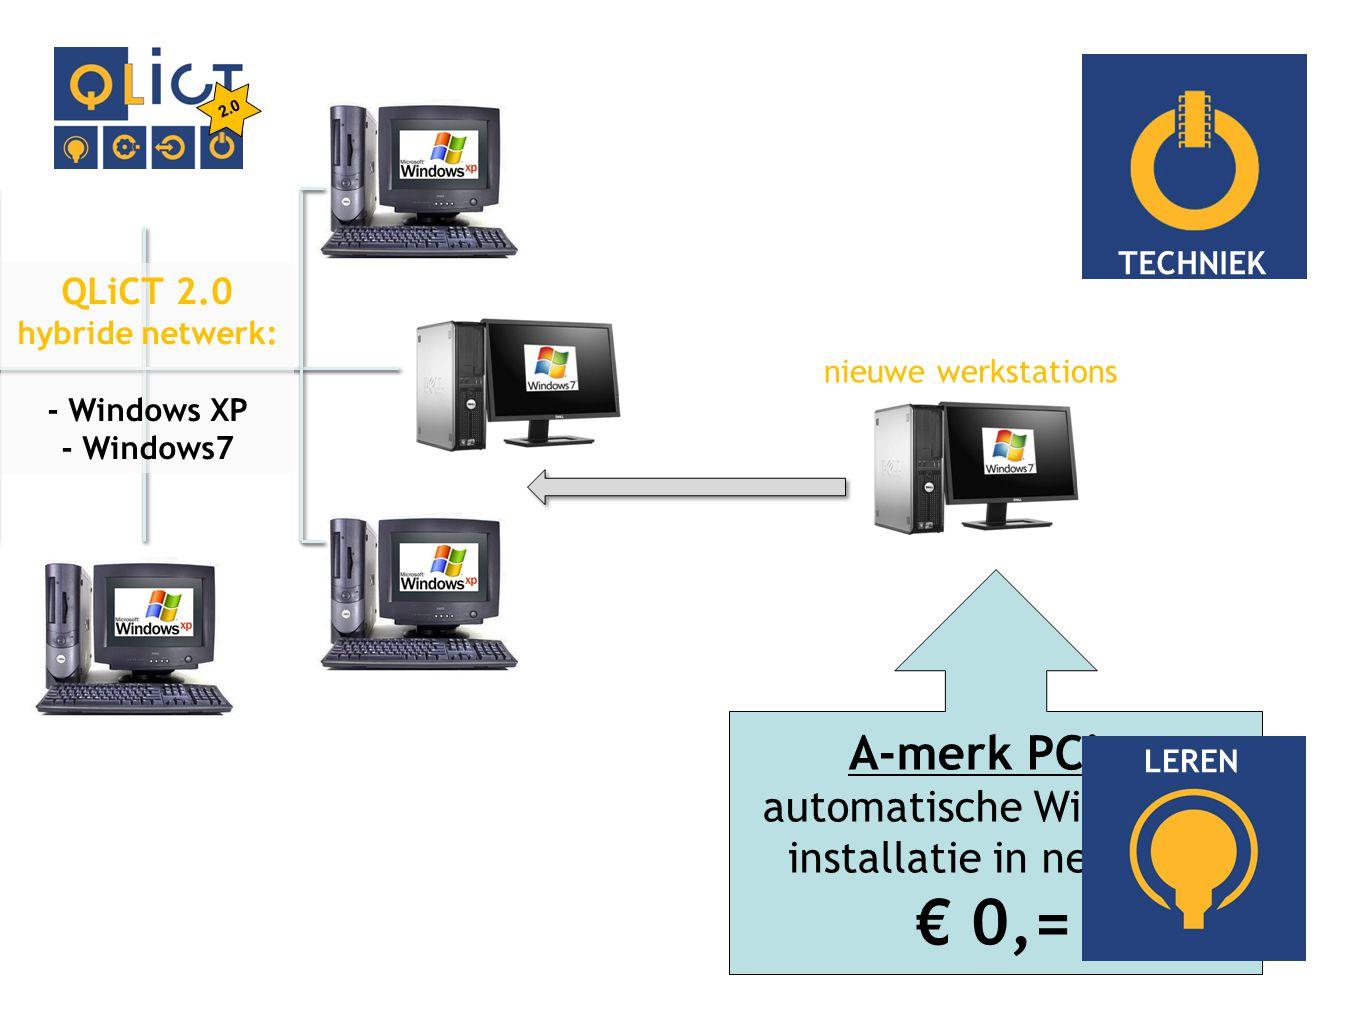 TECHNIEK 2.0 A-merk PC's: automatische Windows7 installatie in netwerk € 0,= nieuwe werkstations LEREN